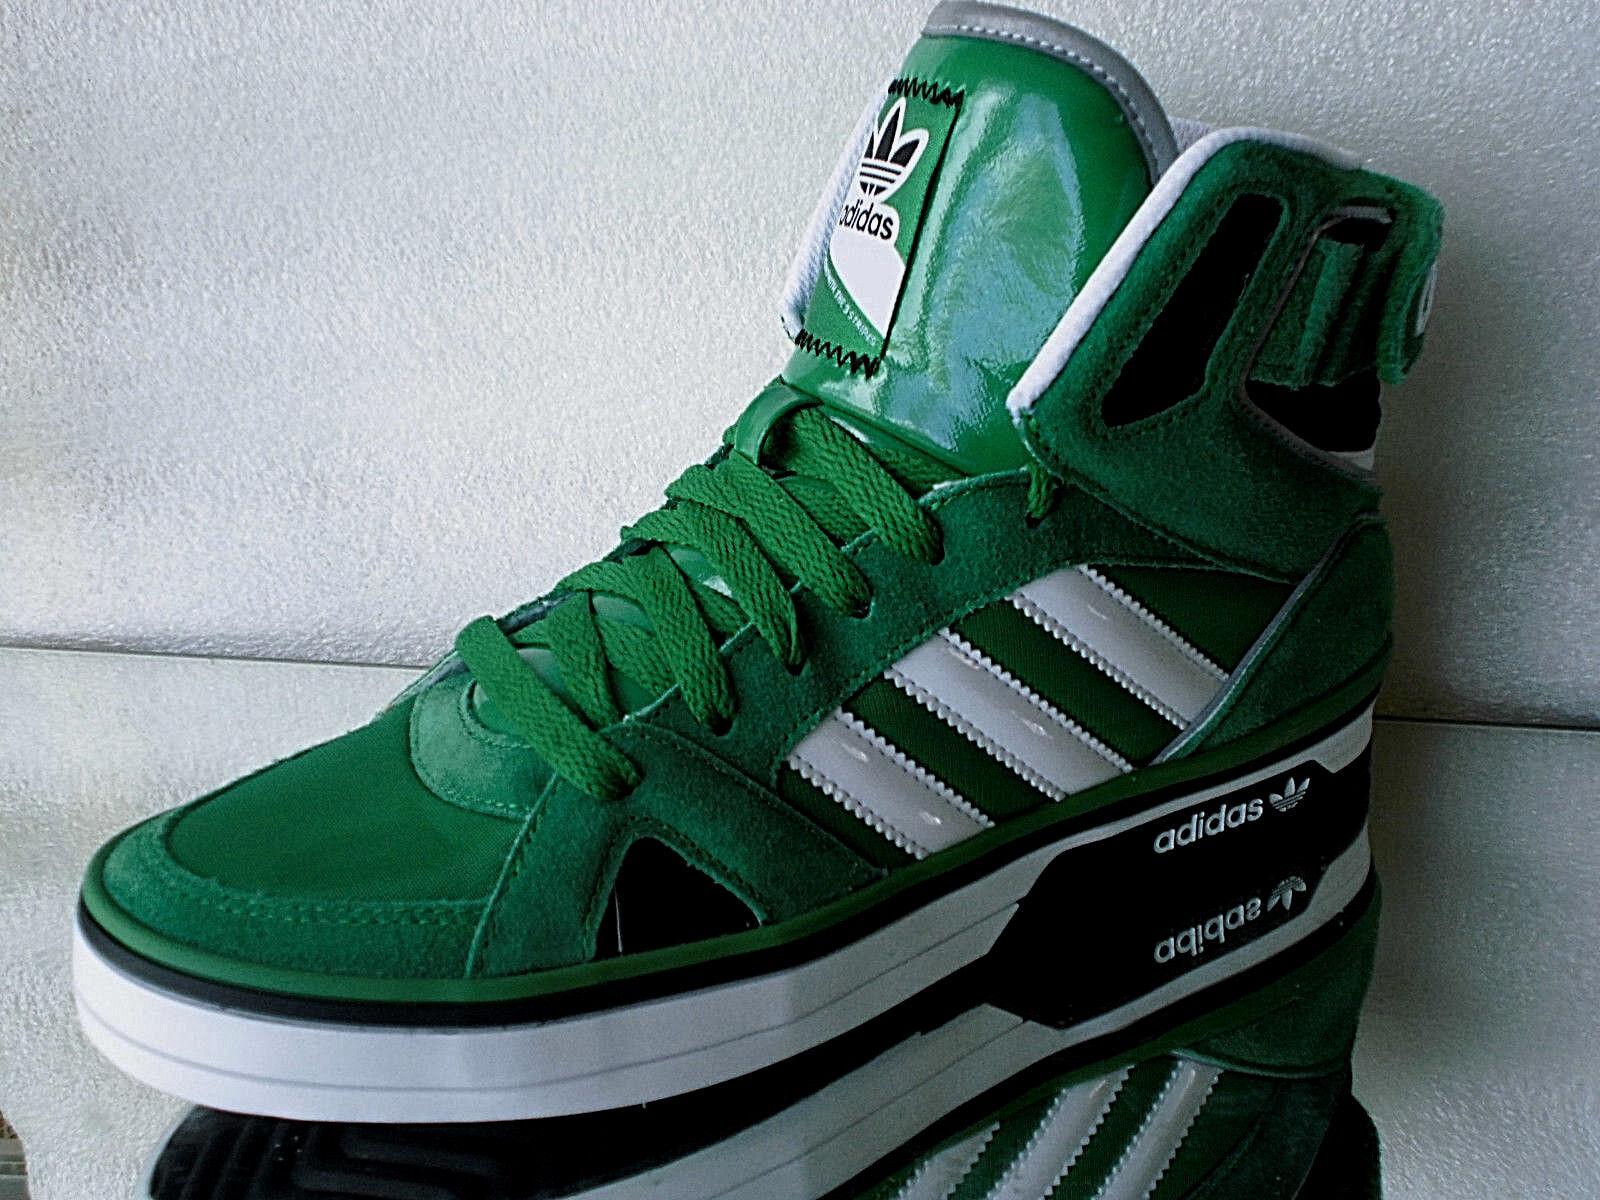 Bdidas OriginalsQ33770 Space Diver Sneaker LaufSchuhe Sneaker Grün Gr: 40-42 NEU